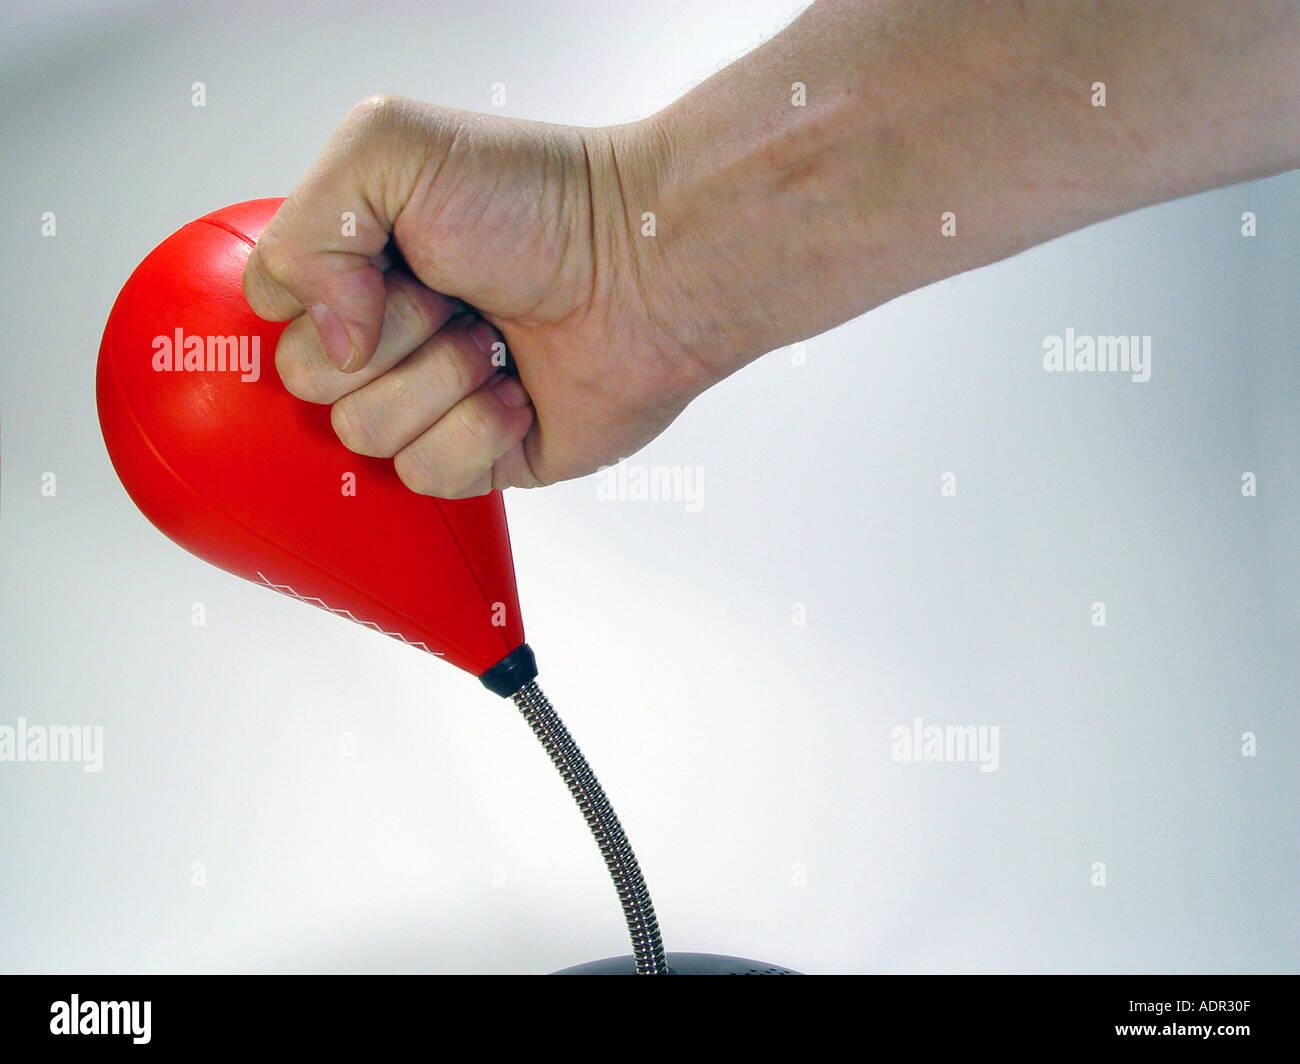 Punching Ball als Symbol für Aggression Demontage Kraft Mobbing etc. Stockfoto